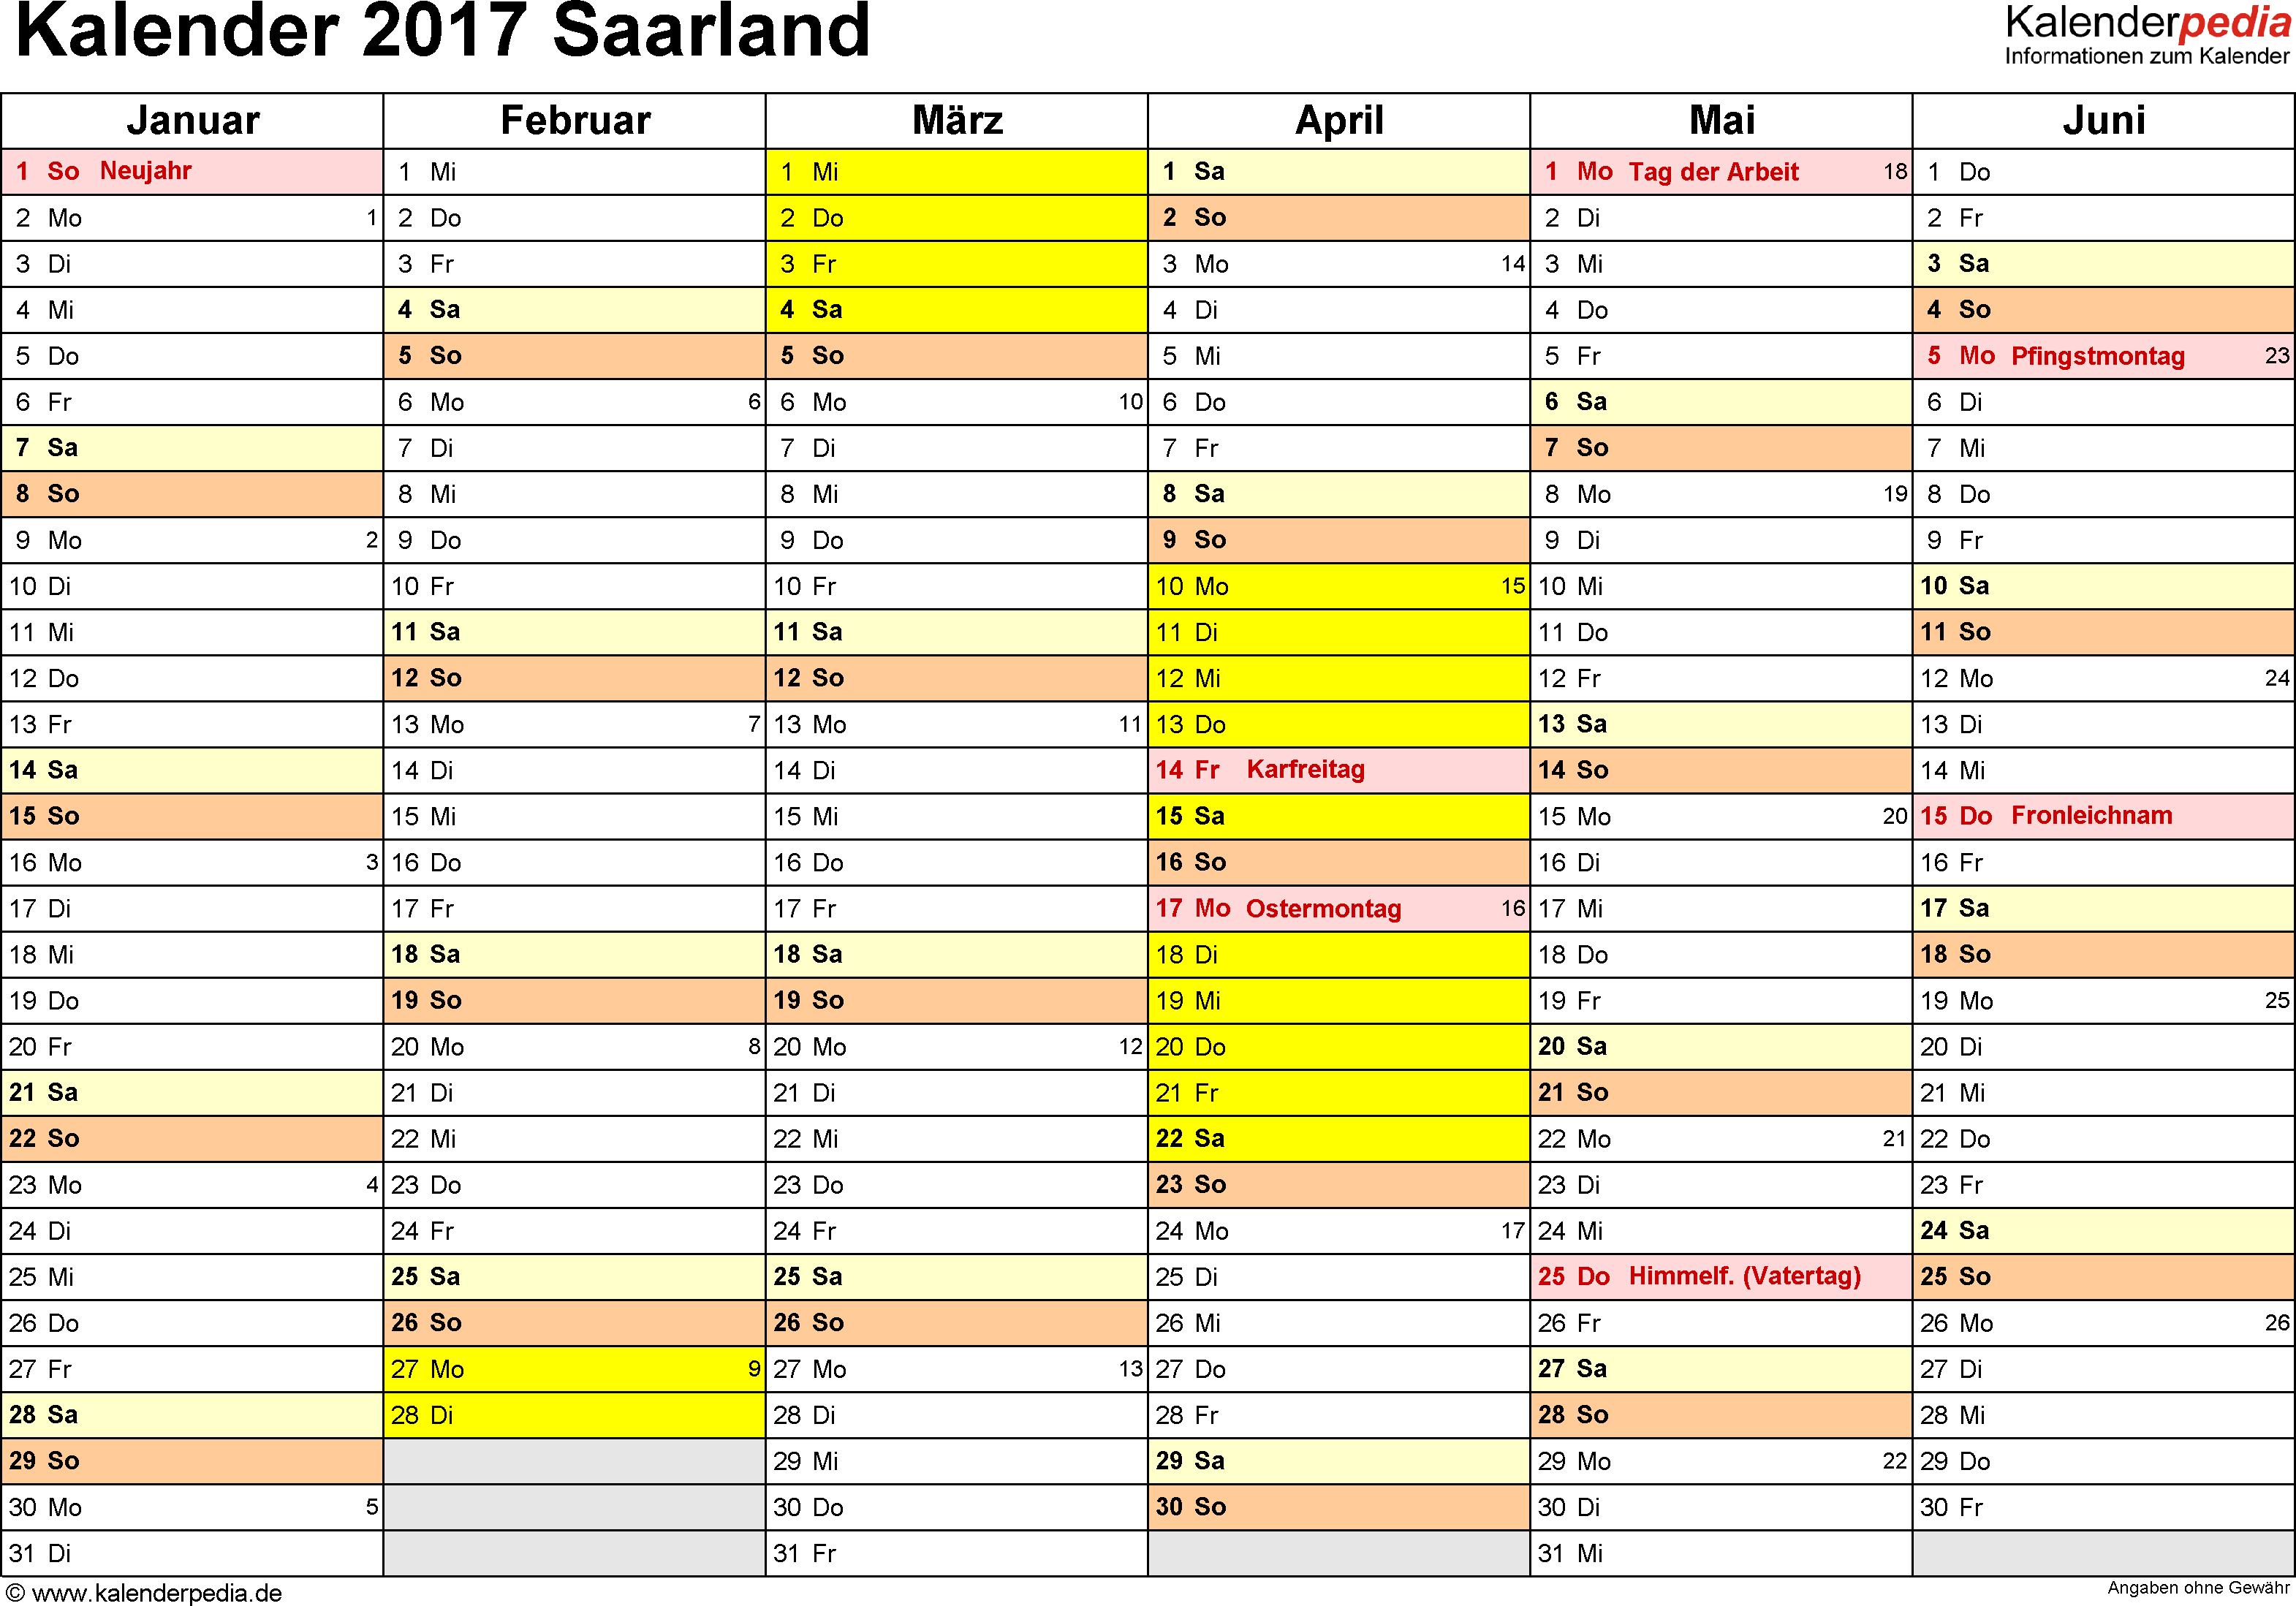 Vorlage 2: Kalender 2017 für Saarland als PDF-Vorlage (Querformat, 2 Seiten)